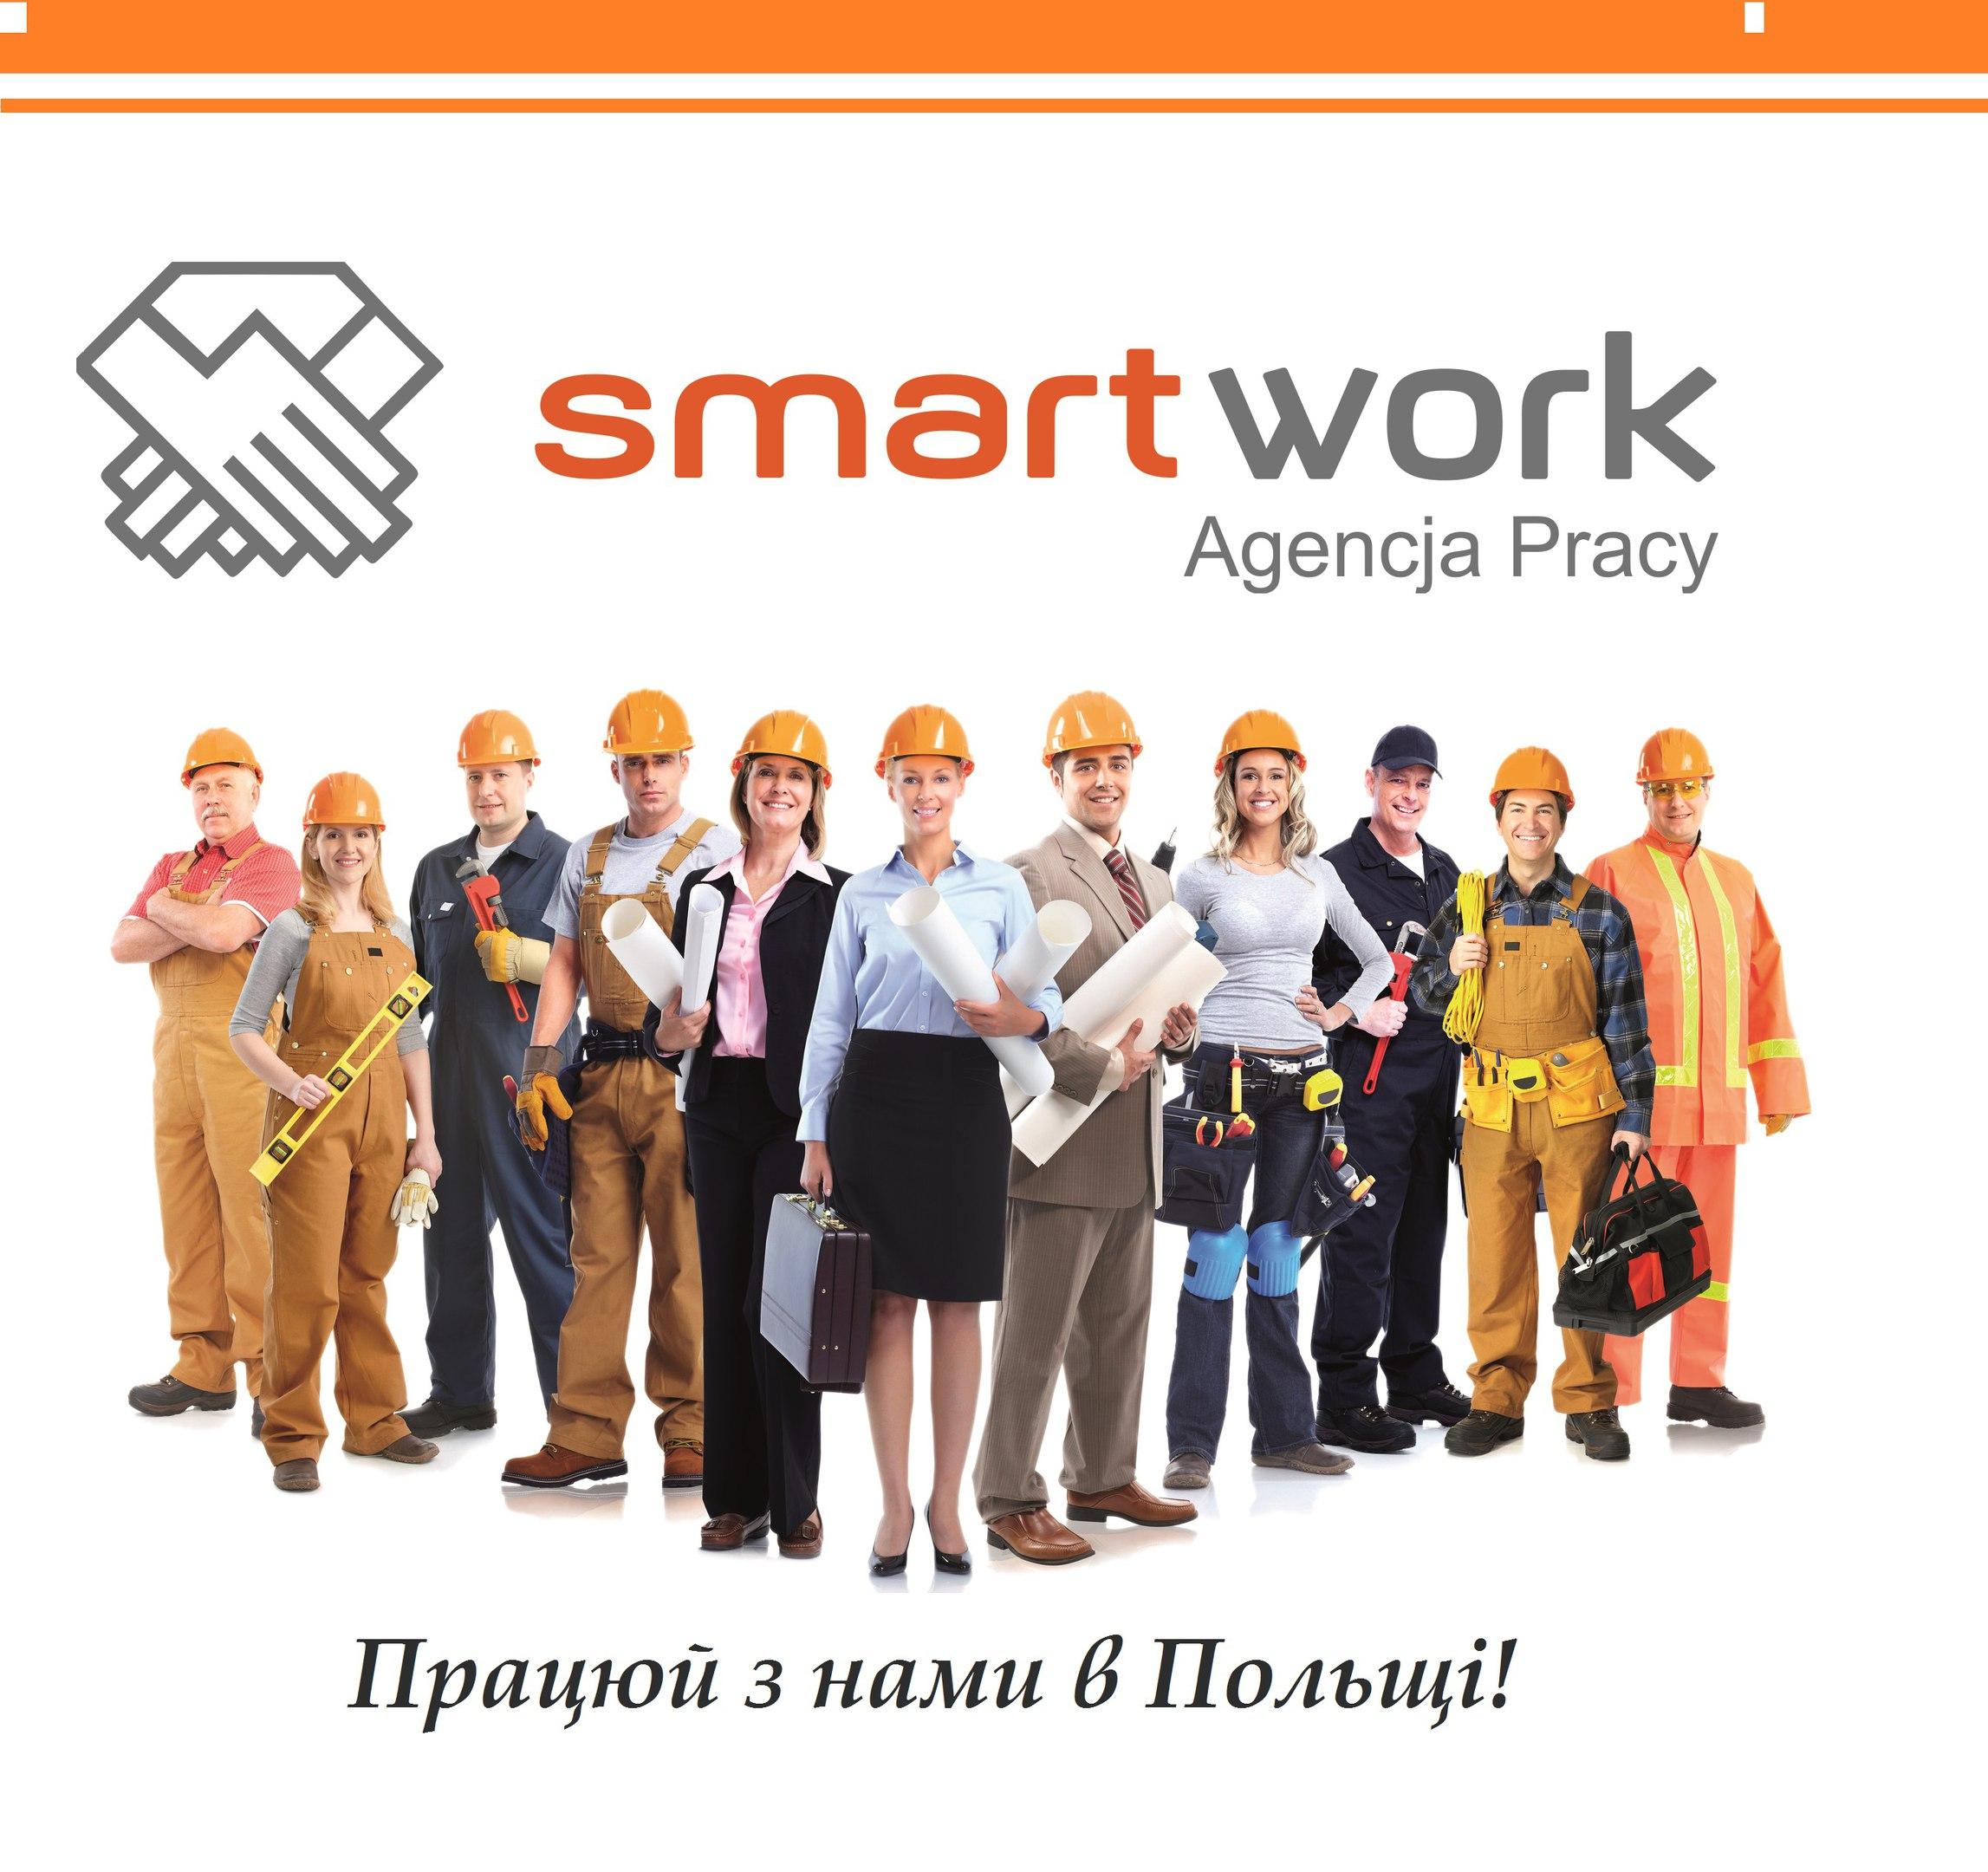 Разнорабочие. Официальная работа в Польще